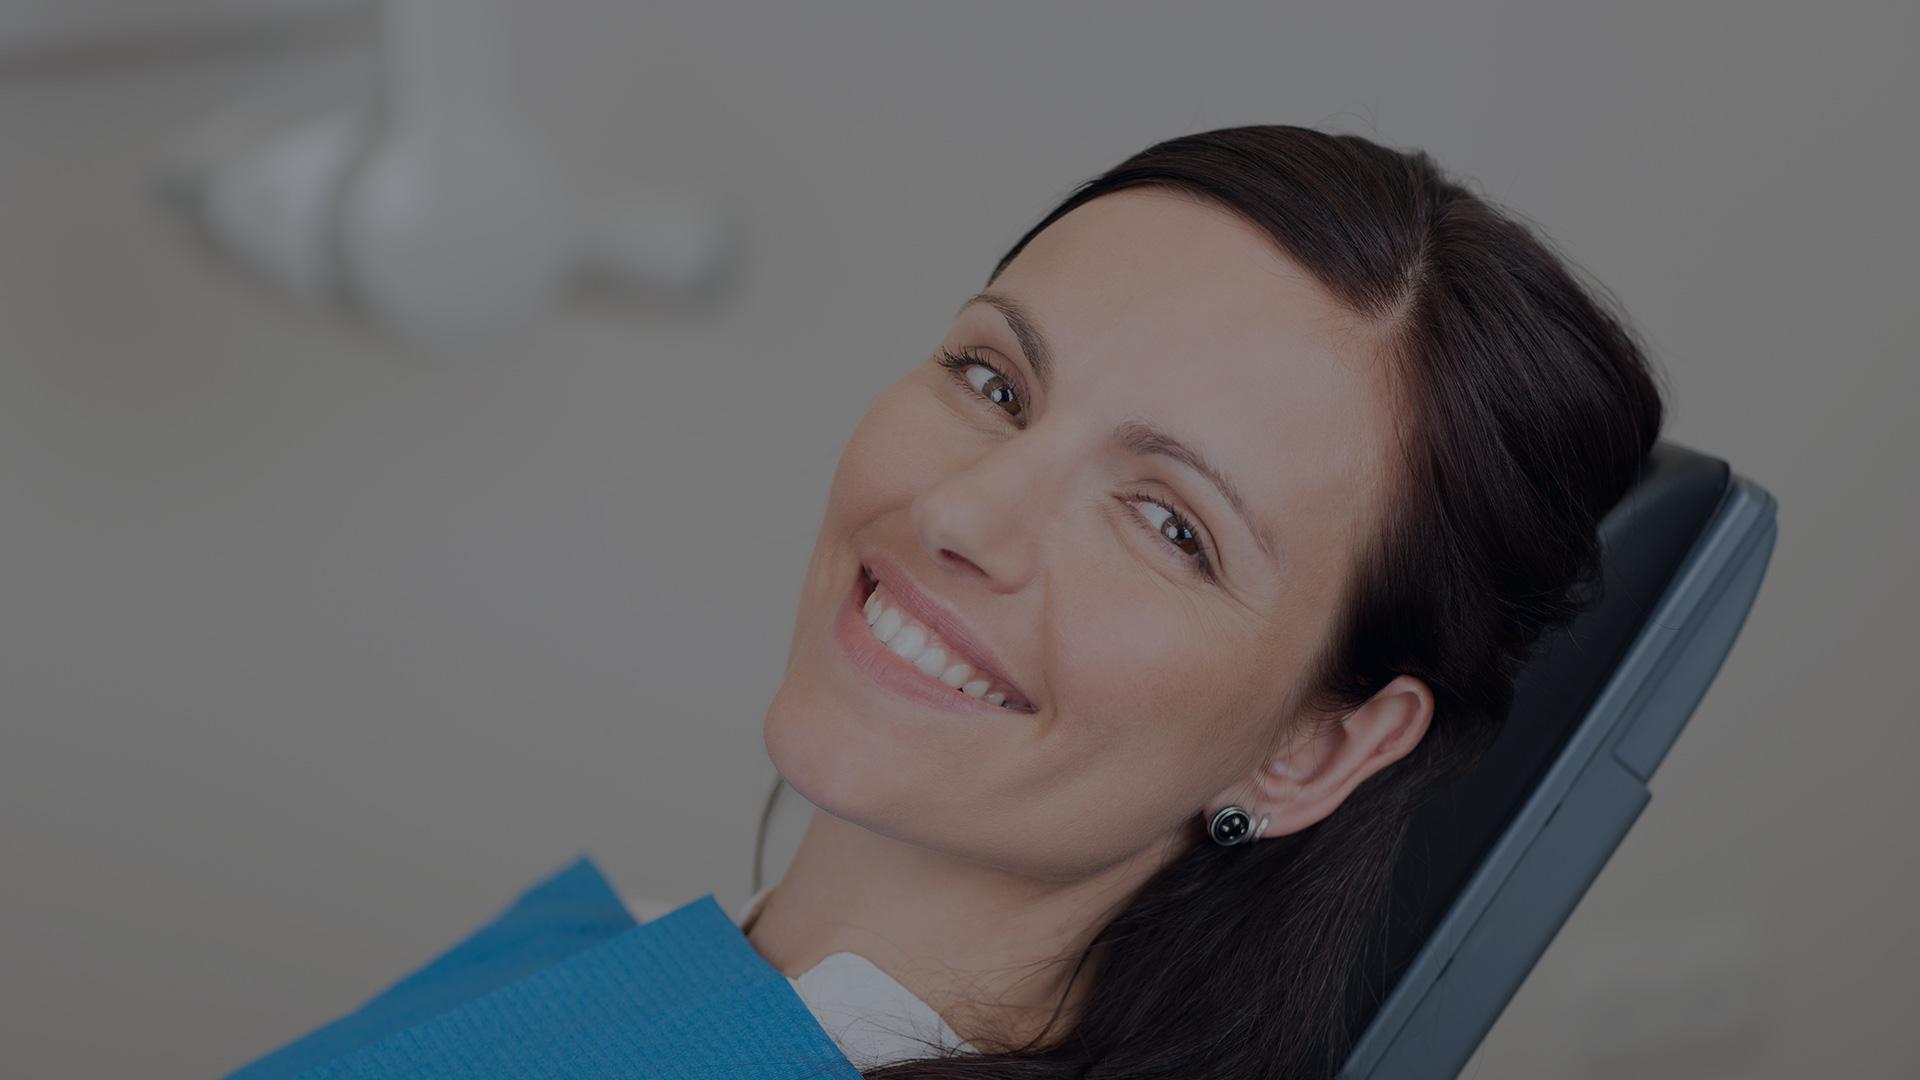 Solución Dental - Odontolgía estética especializada - Aclaramiento Dental